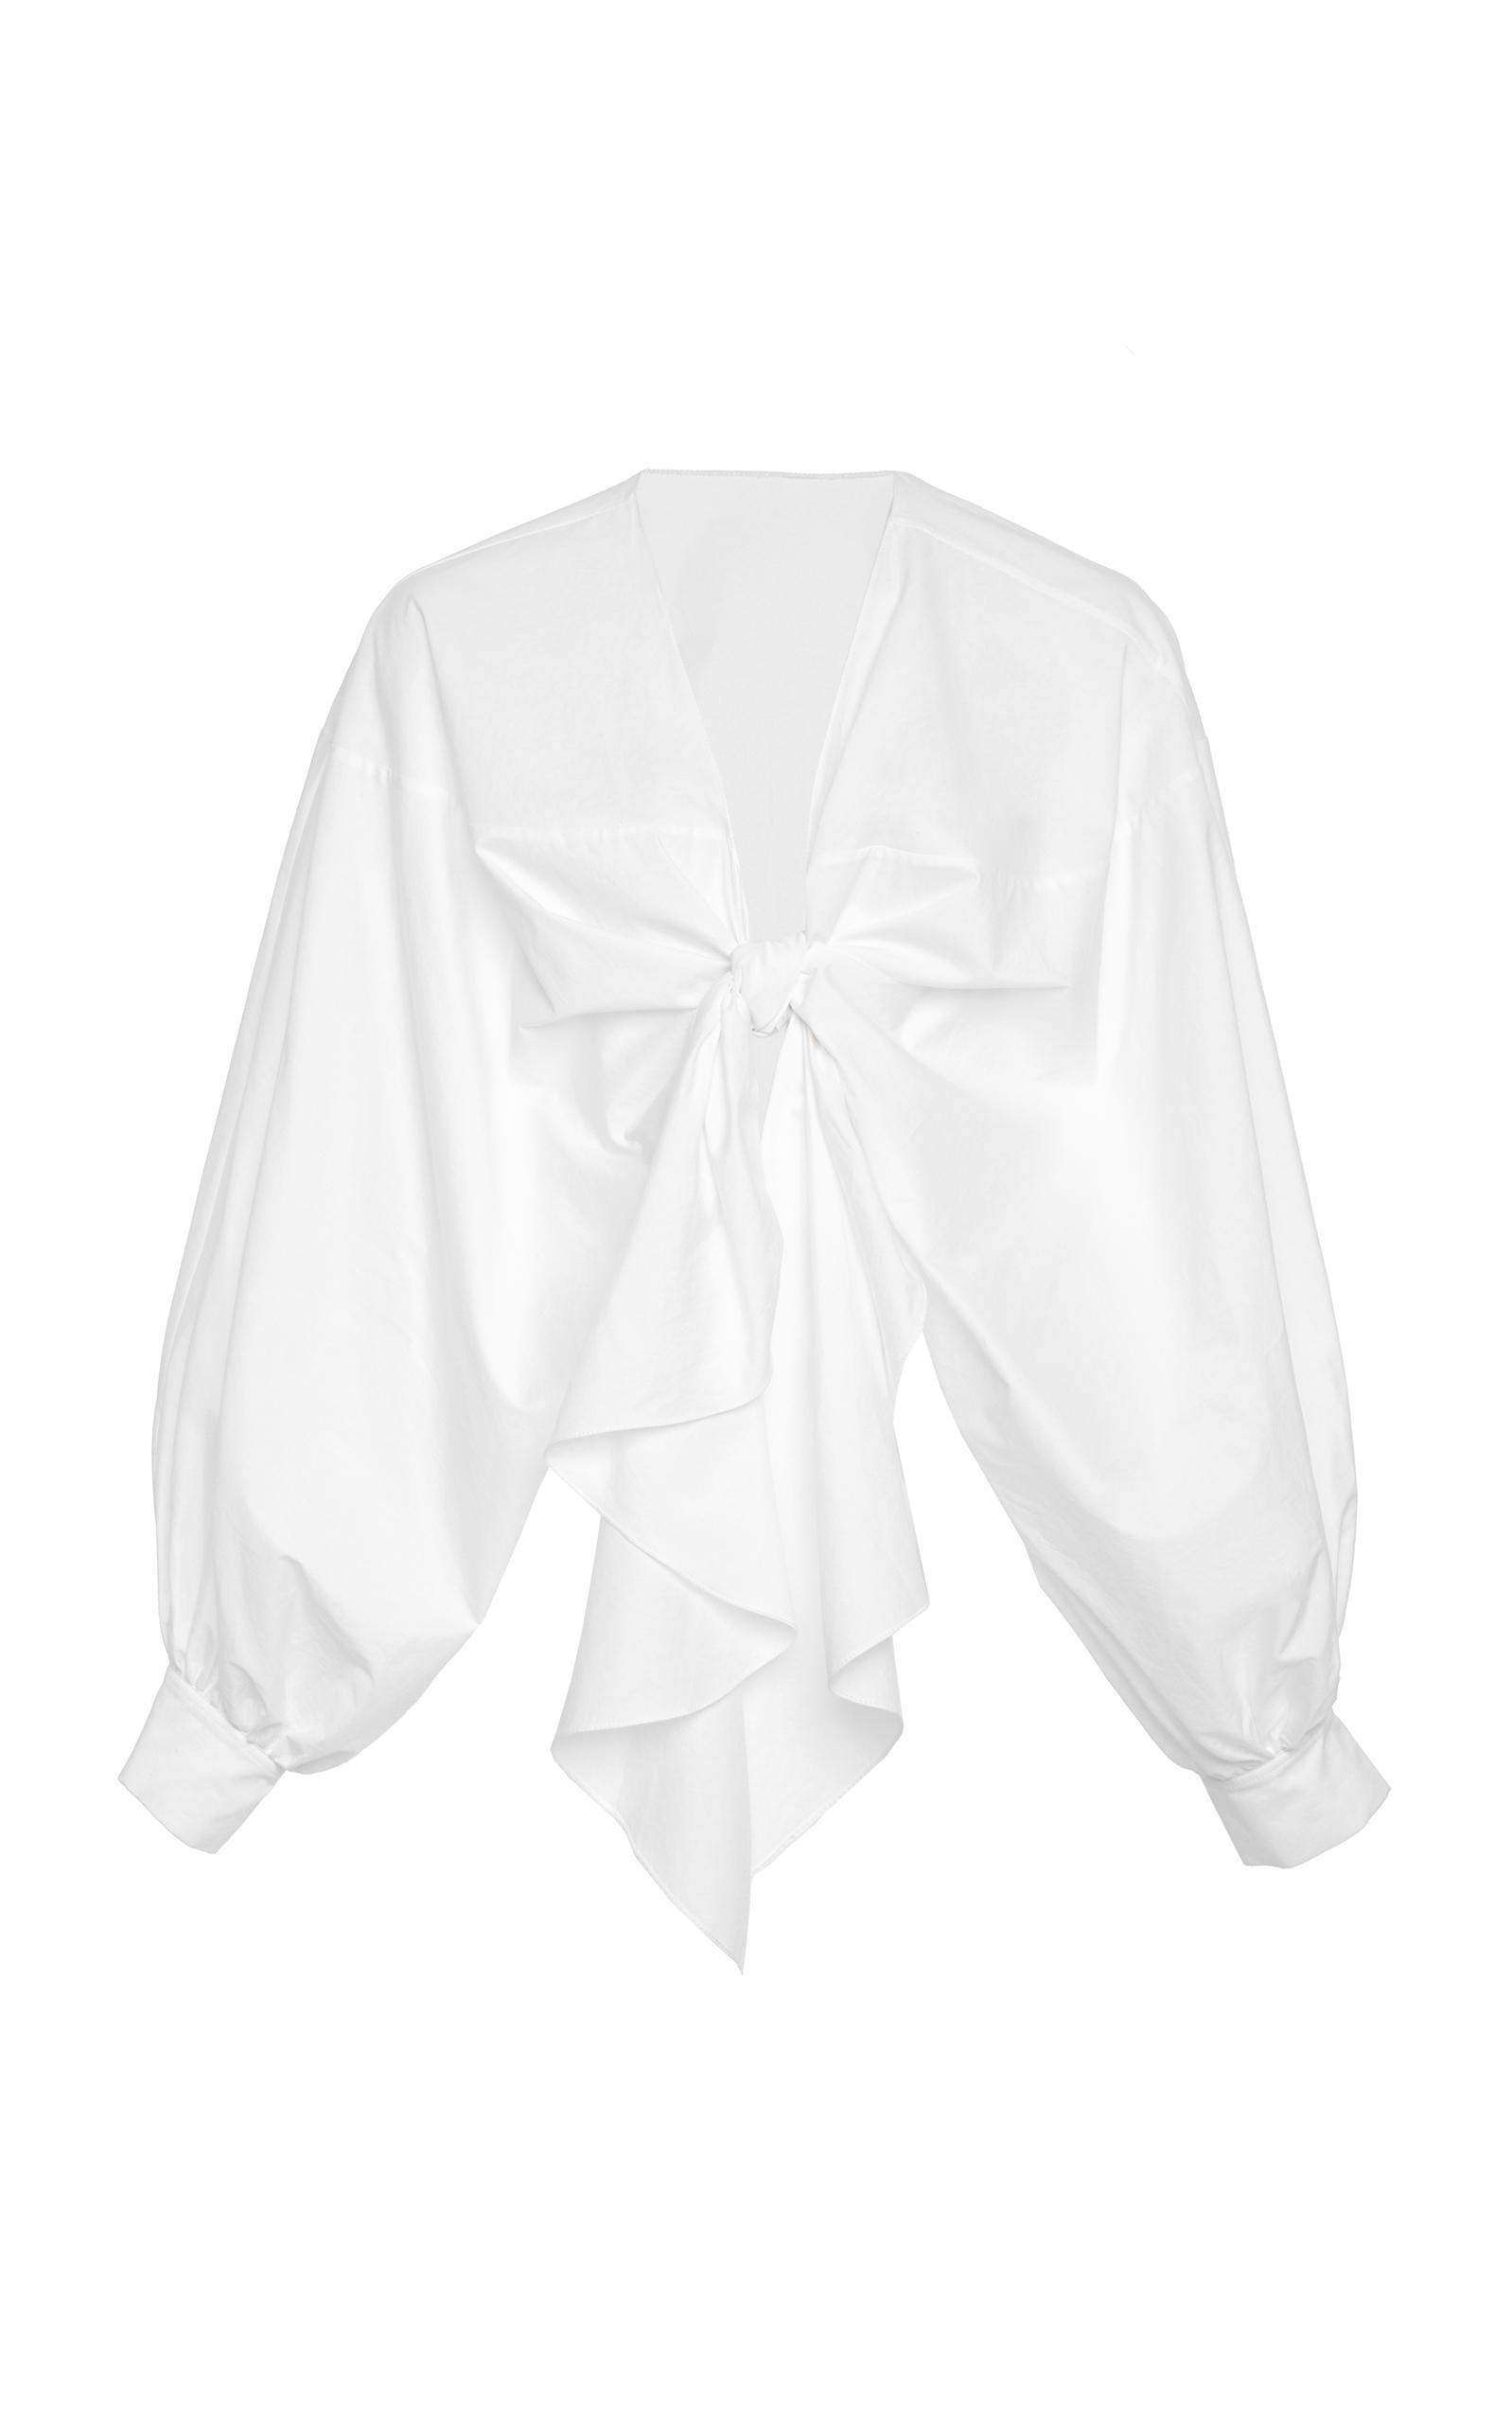 MO Exclusive Gabon Stretch Cotton Poplin Top Johanna Ortiz Outlet Cheap Authentic yt2ezS9qwr